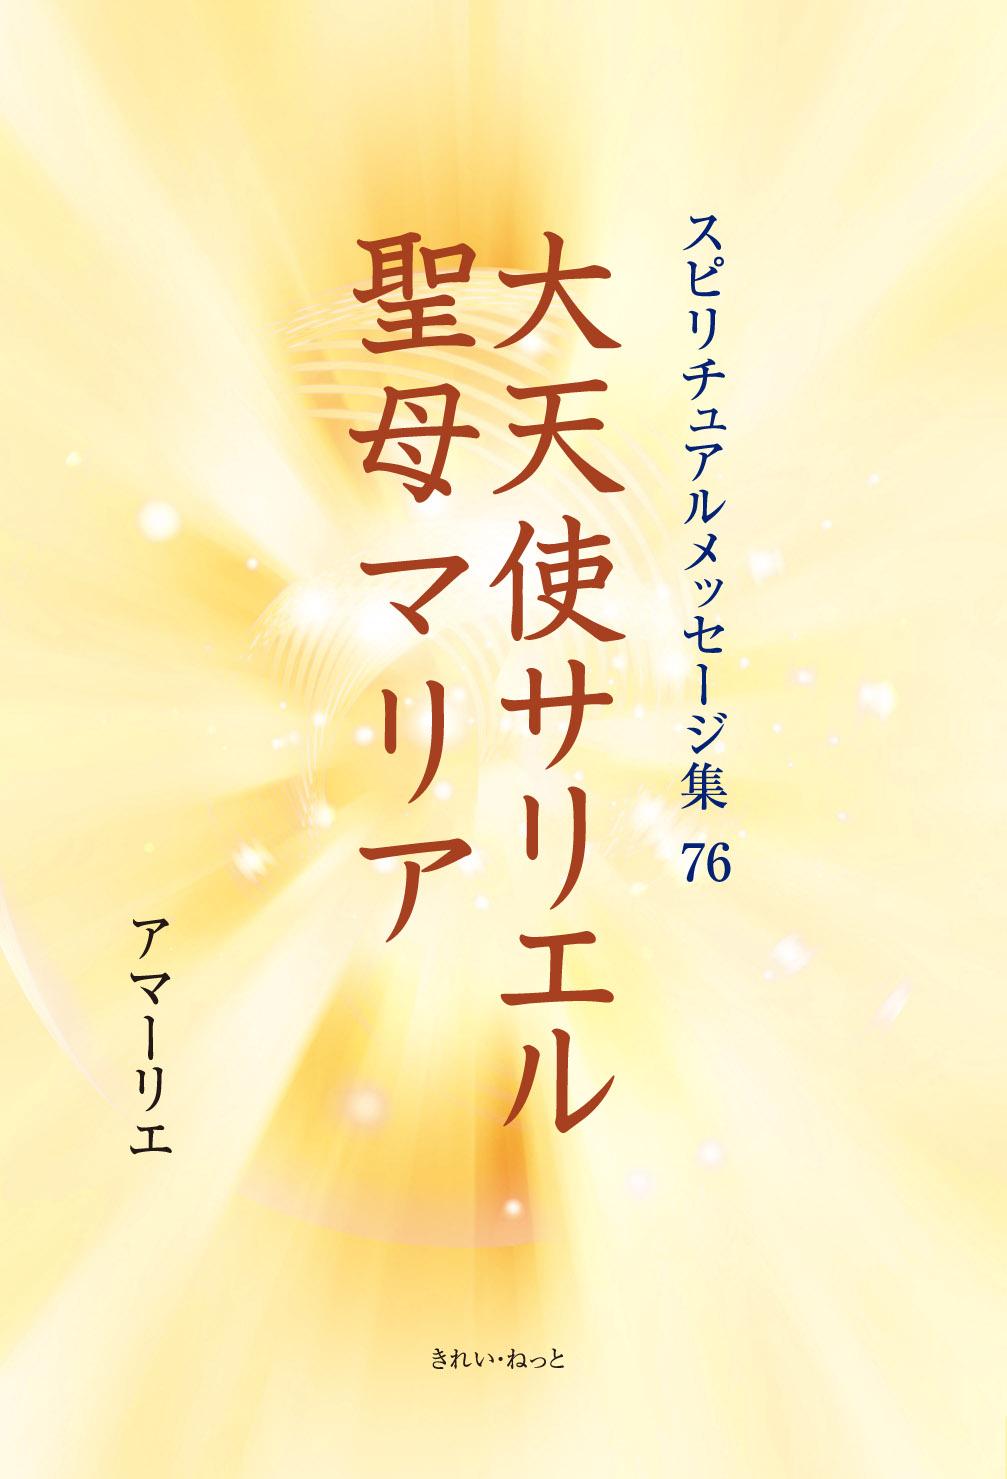 画像1: スピリチュアルメッセージ集76 大天使サリエル・聖母マリア (1)